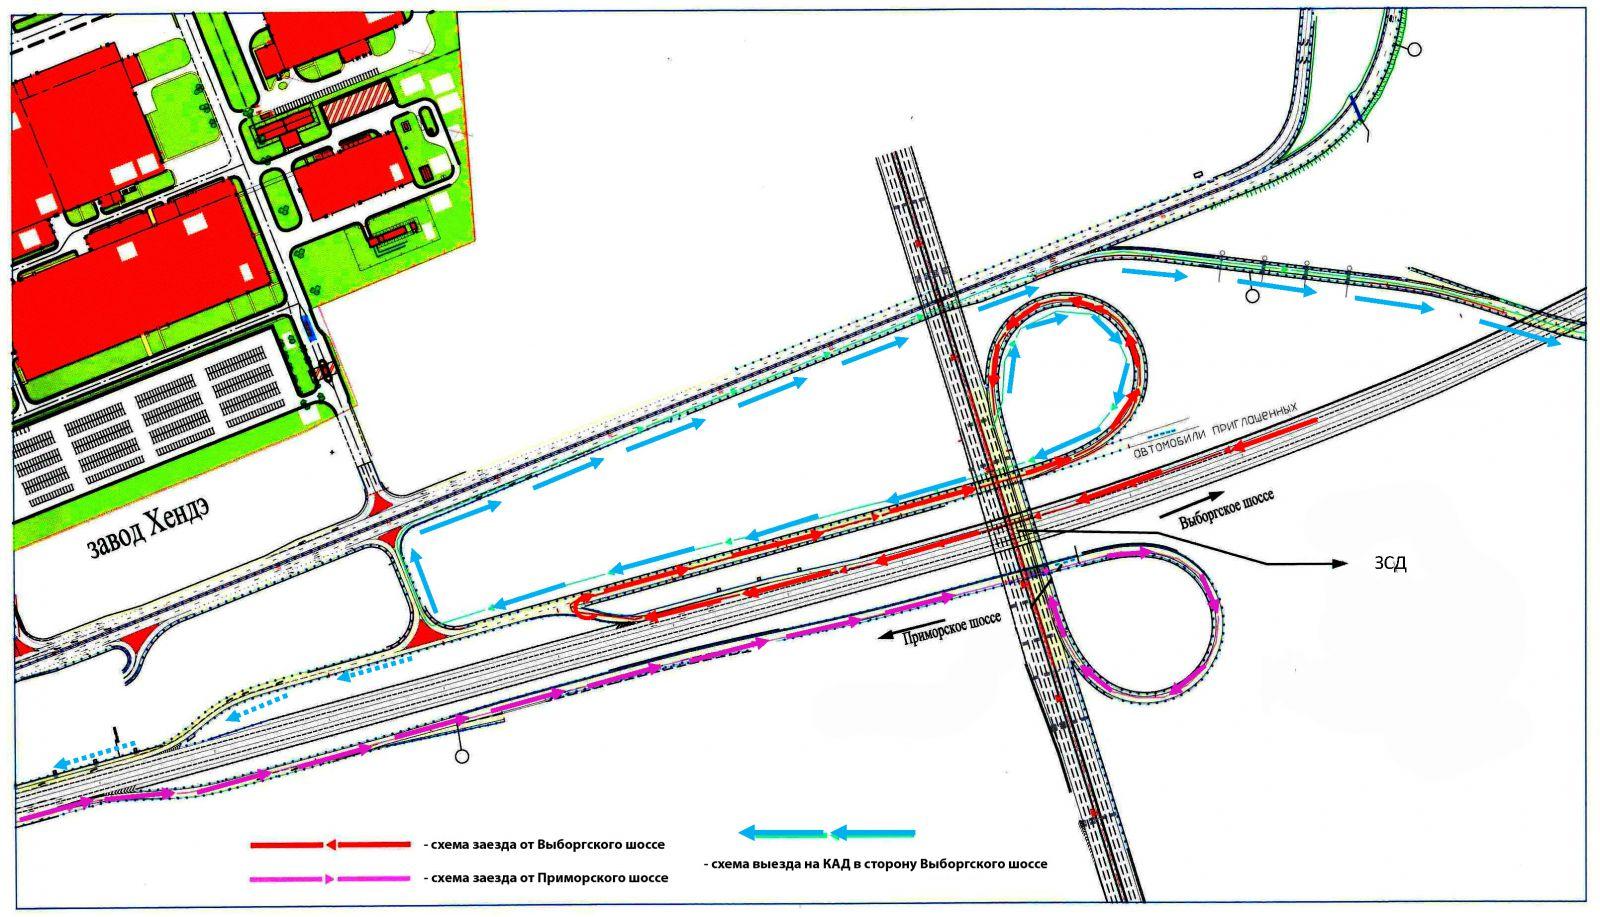 Схема развязок кад выборгское шоссе